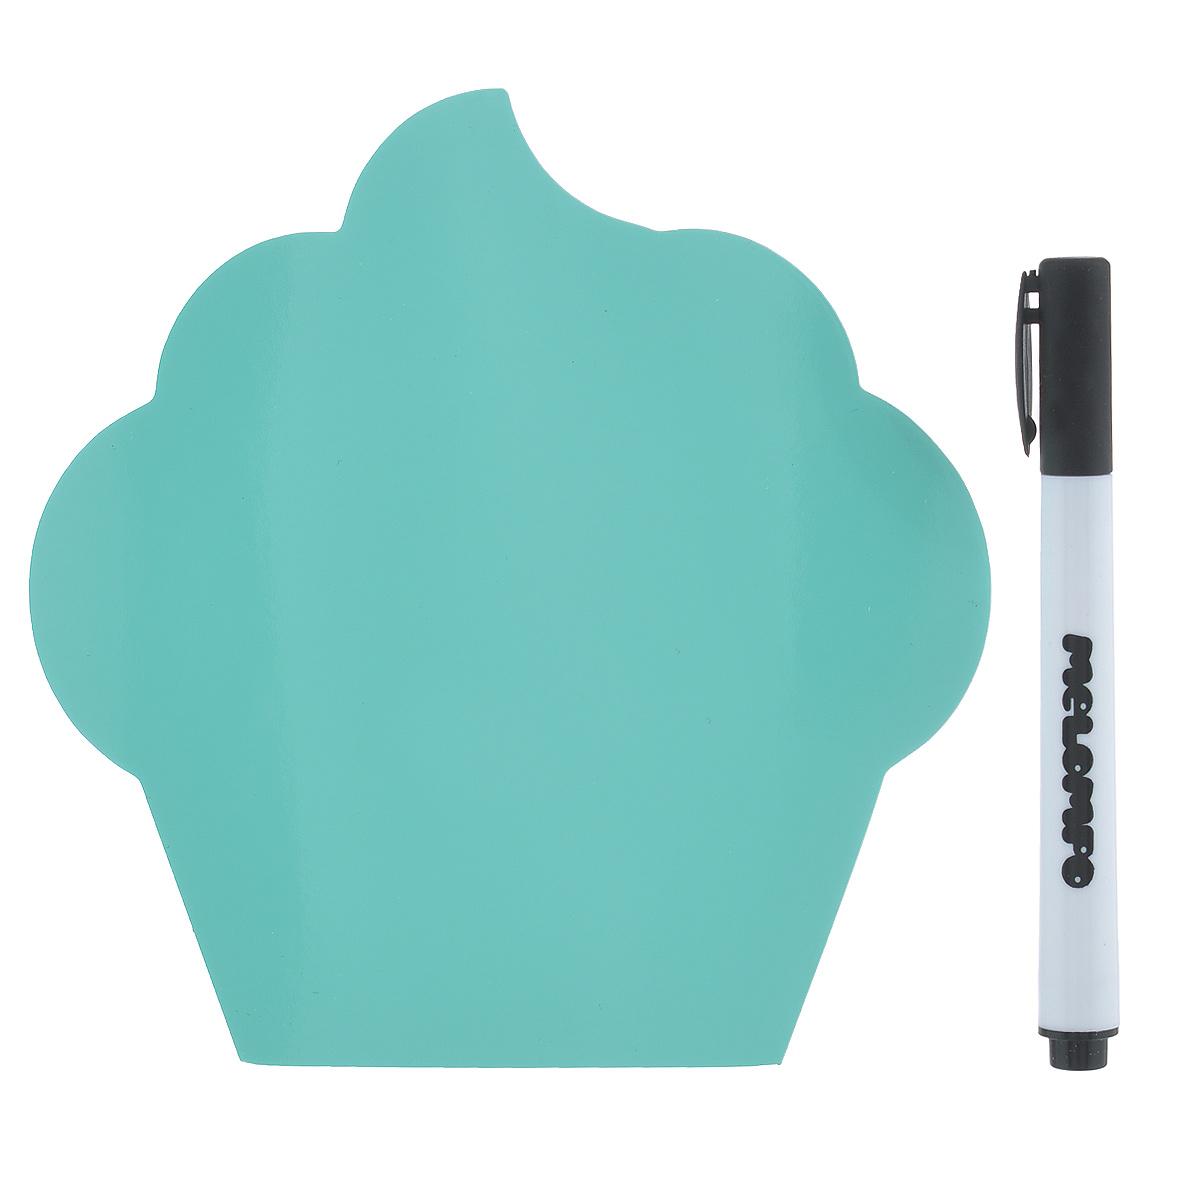 Памятка маркерная Melompo Кекс, 12 см х 12 смМ103цв PFМагнитная доска на холодильник Melompo Кекс - оригинальная вещь для ежедневных посланий родным и близким. Доска выполнена в виде кекса. В комплект входят: Памятка - легко примагничивается и просто снимается. Маркер - прекрасно пишет и также хорошо стирается. Держатель - позволит примагнитить памятку к неметаллической поверхности.